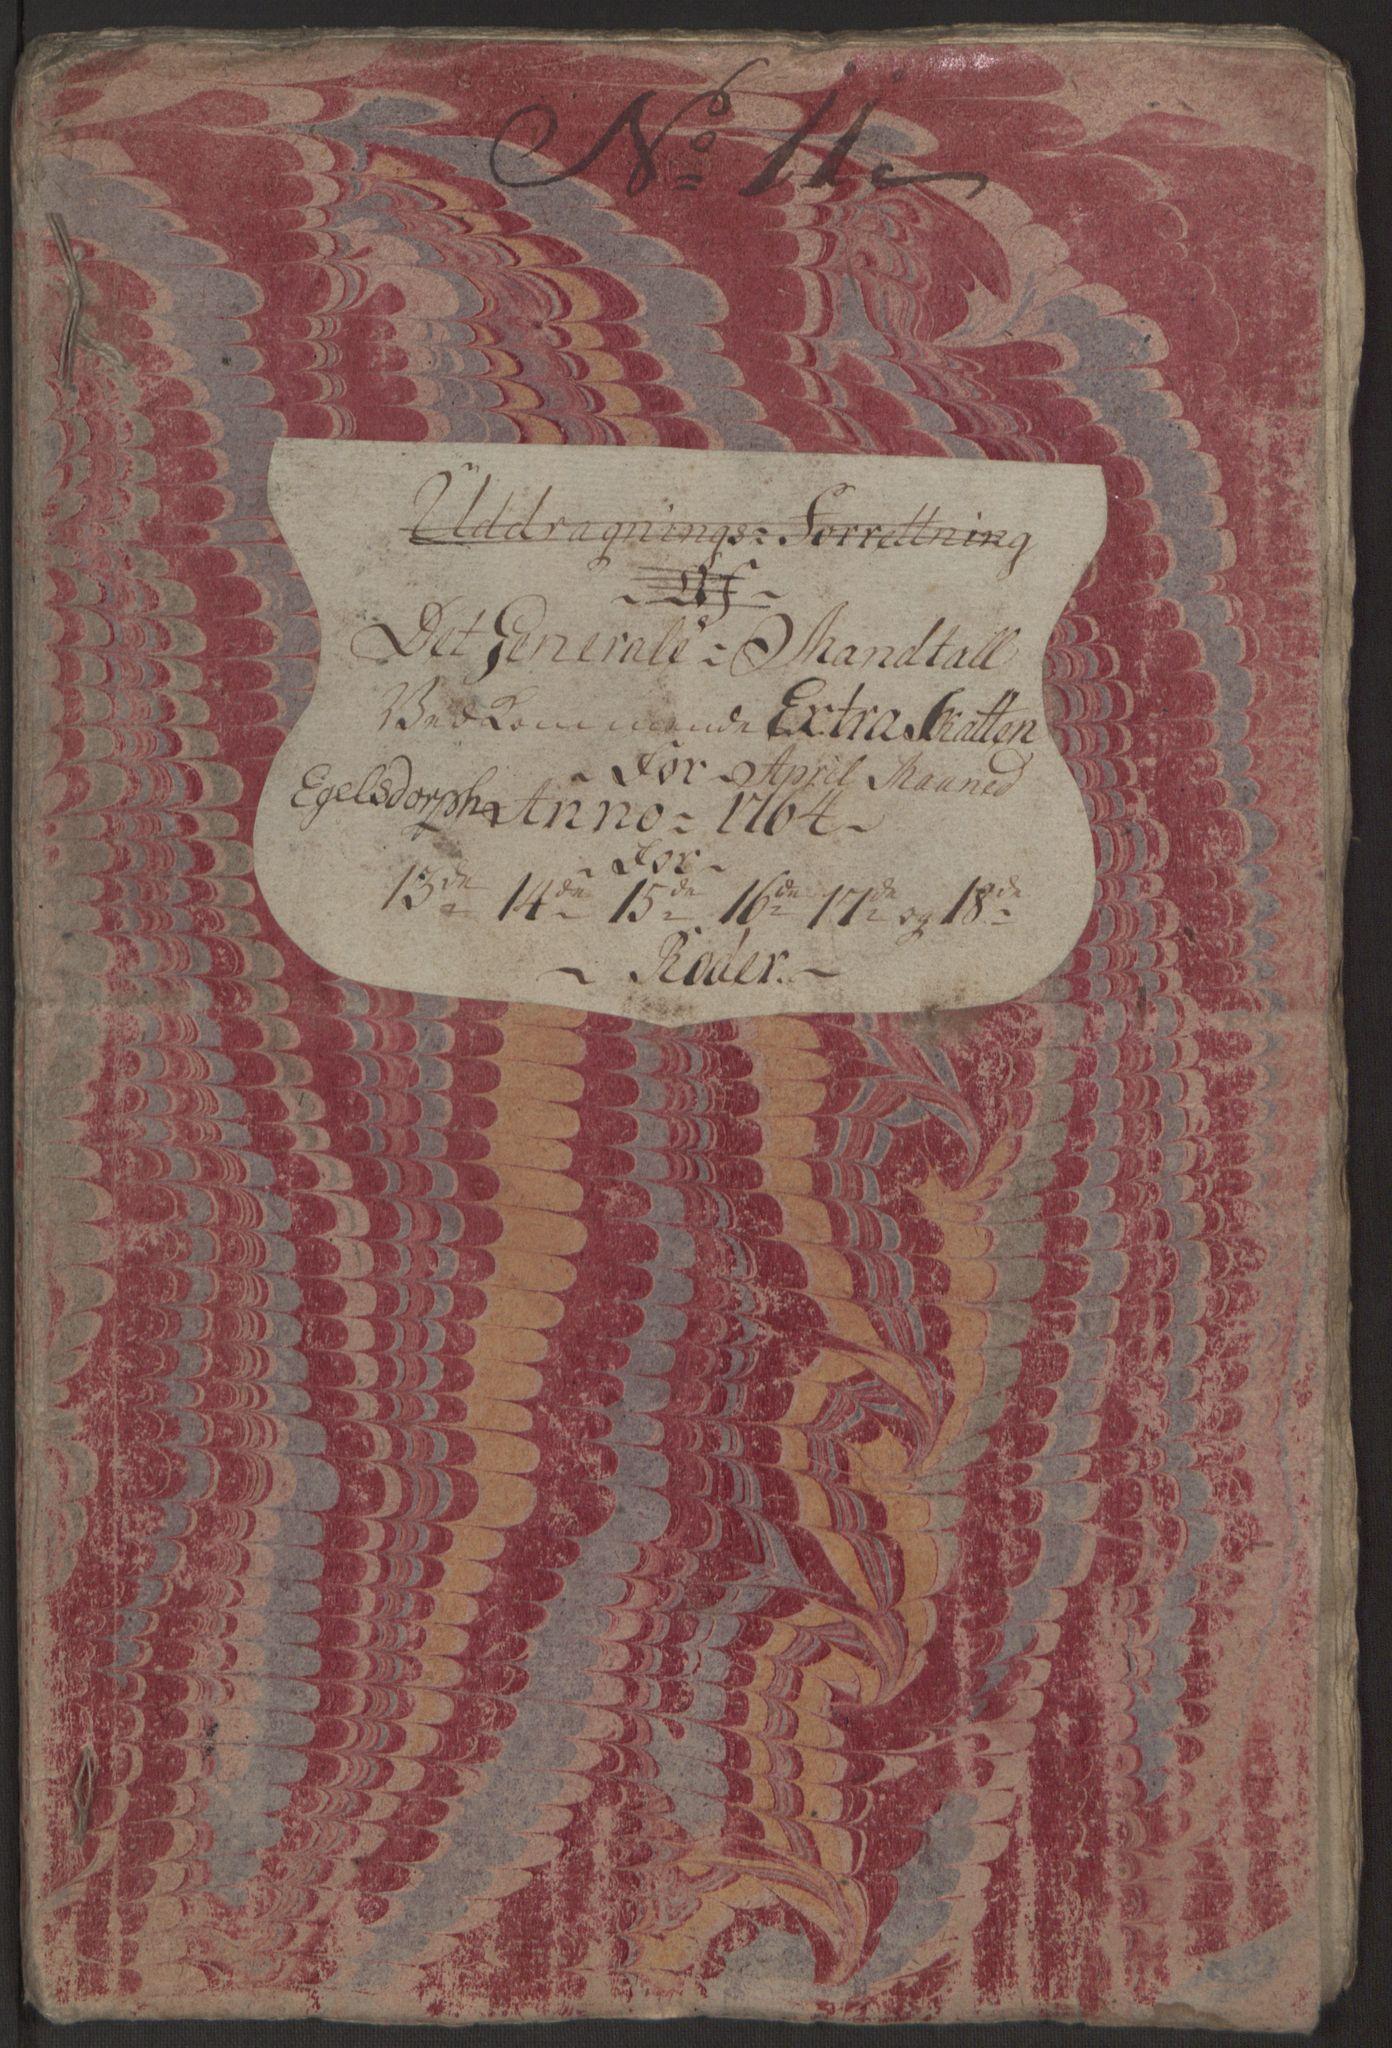 RA, Rentekammeret inntil 1814, Reviderte regnskaper, Byregnskaper, R/Rp/L0368: [P21] Kontribusjonsregnskap, 1764, s. 72